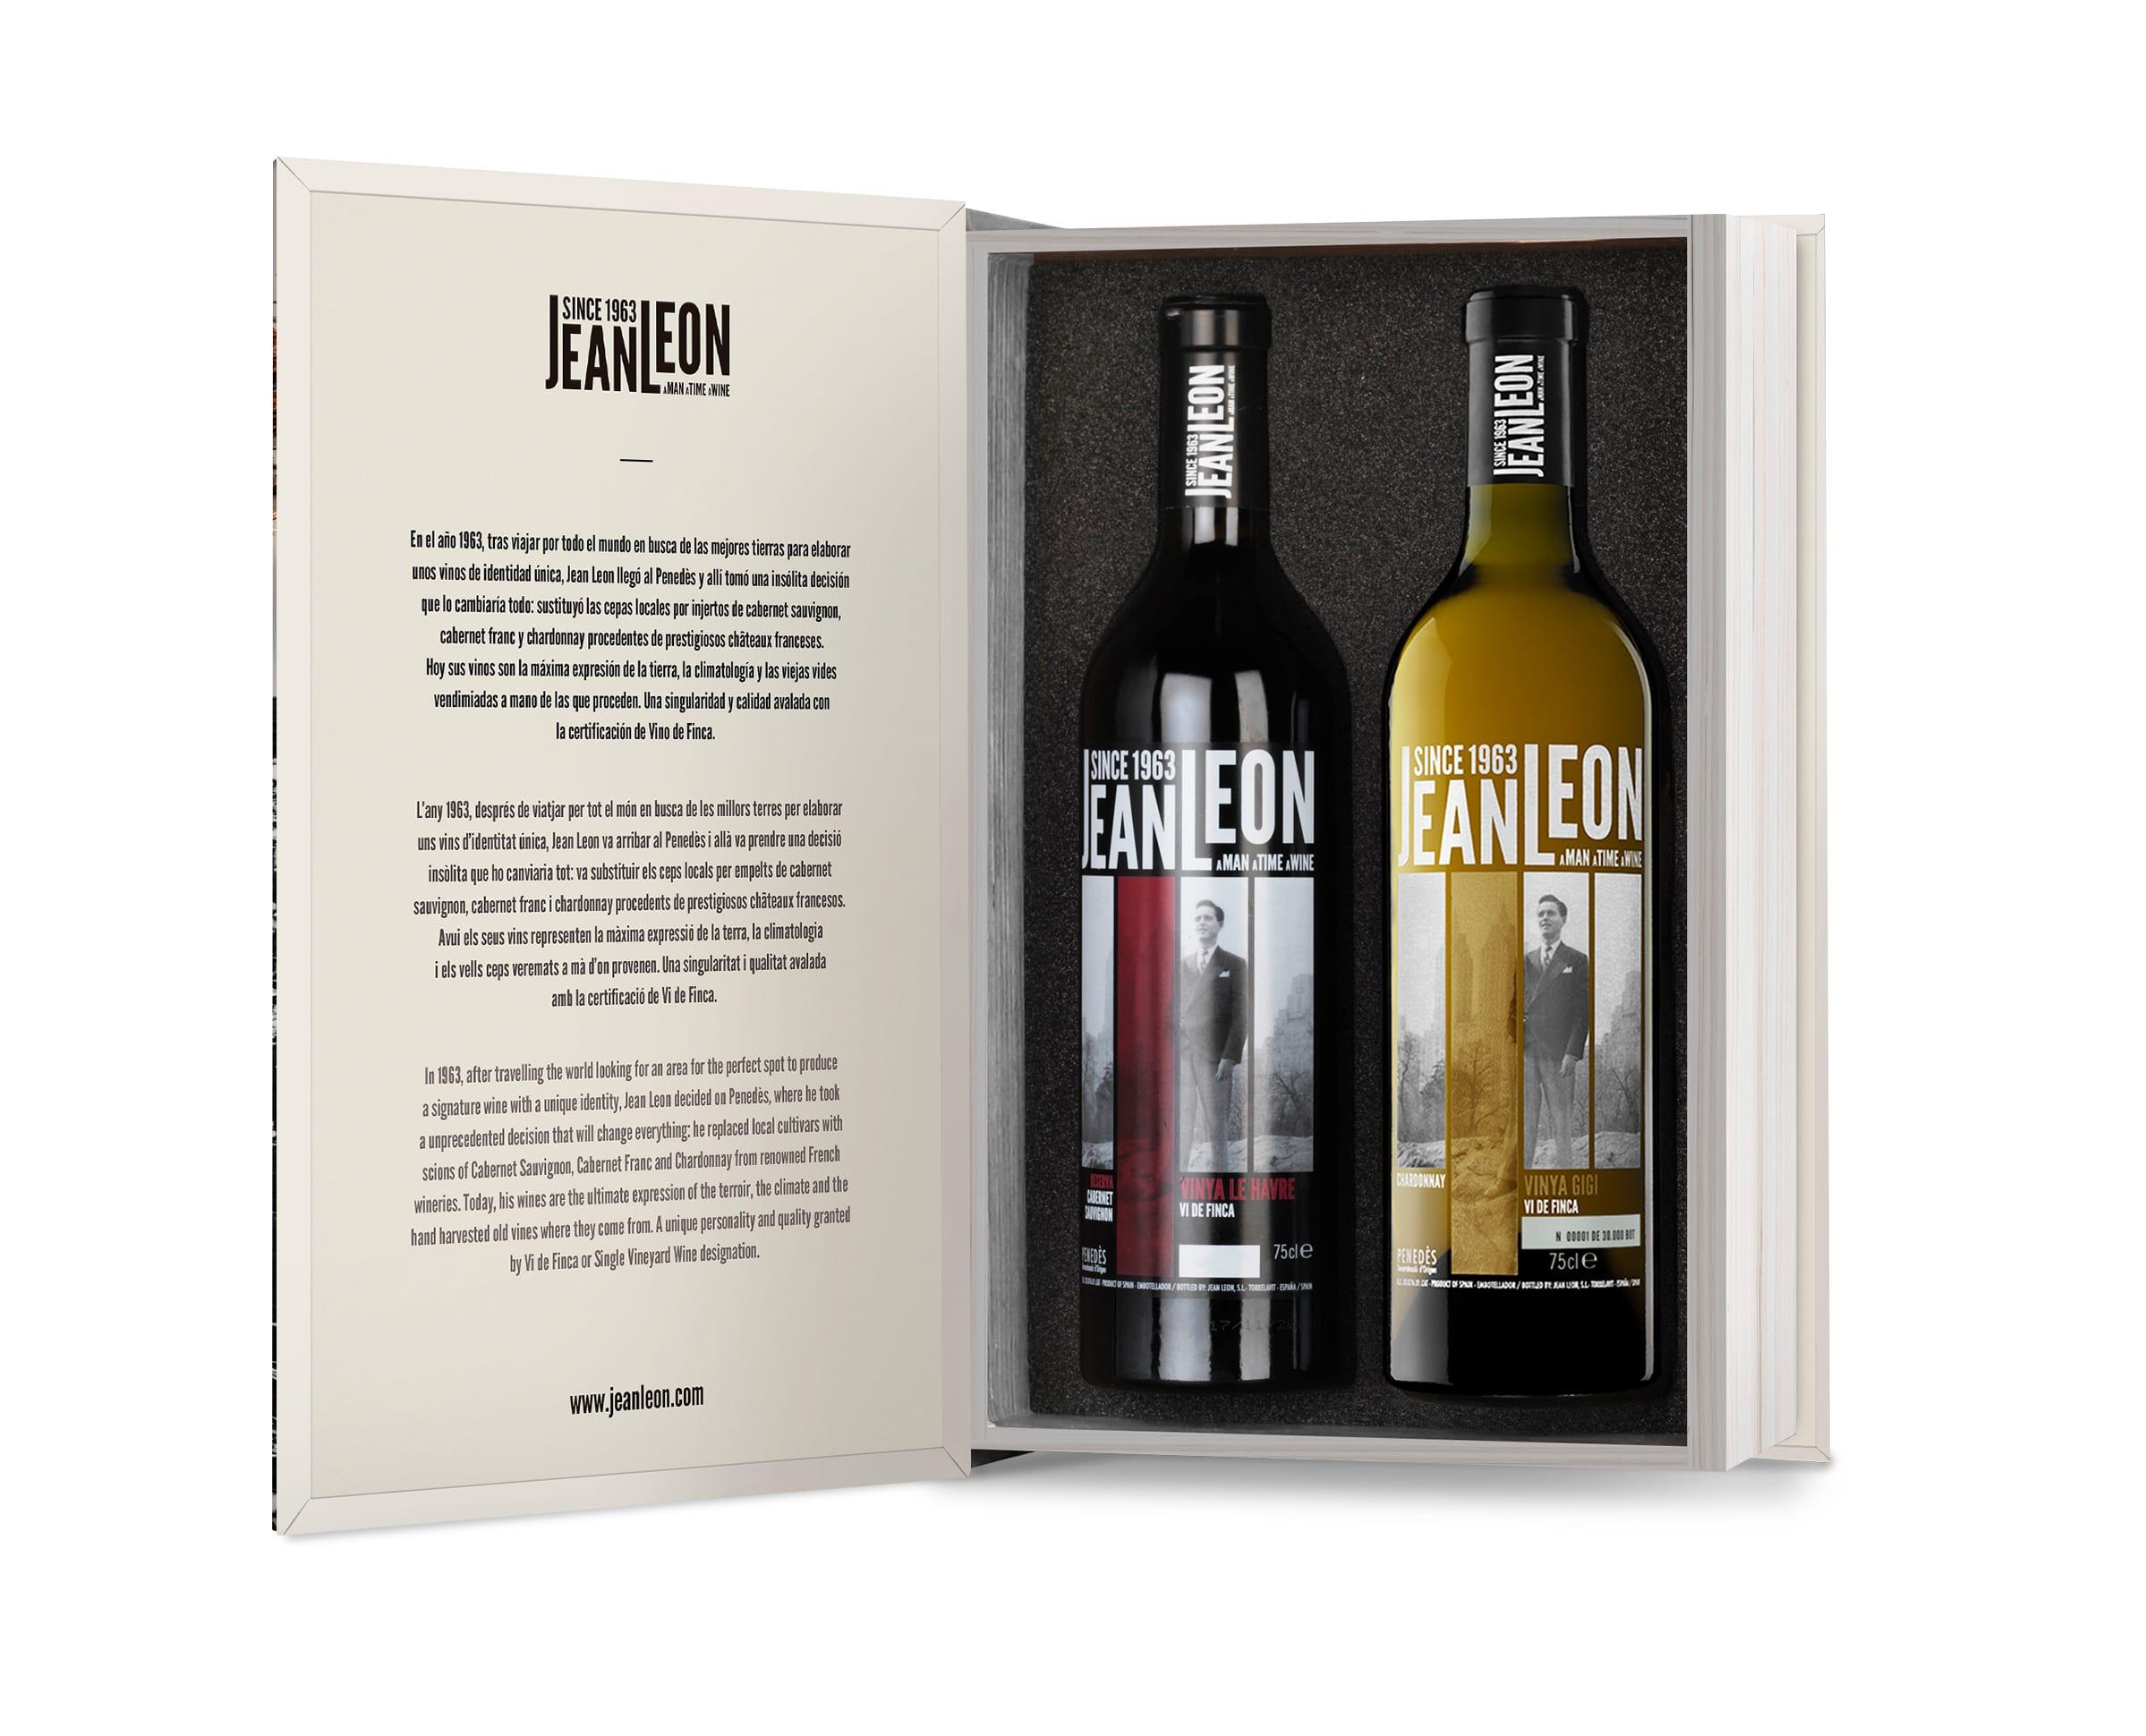 La bodega catalana ha lanzado un original regalo para el próximo Día del Libro que se celebra el 23 de abril. Es el vino más literario de Jean Leon